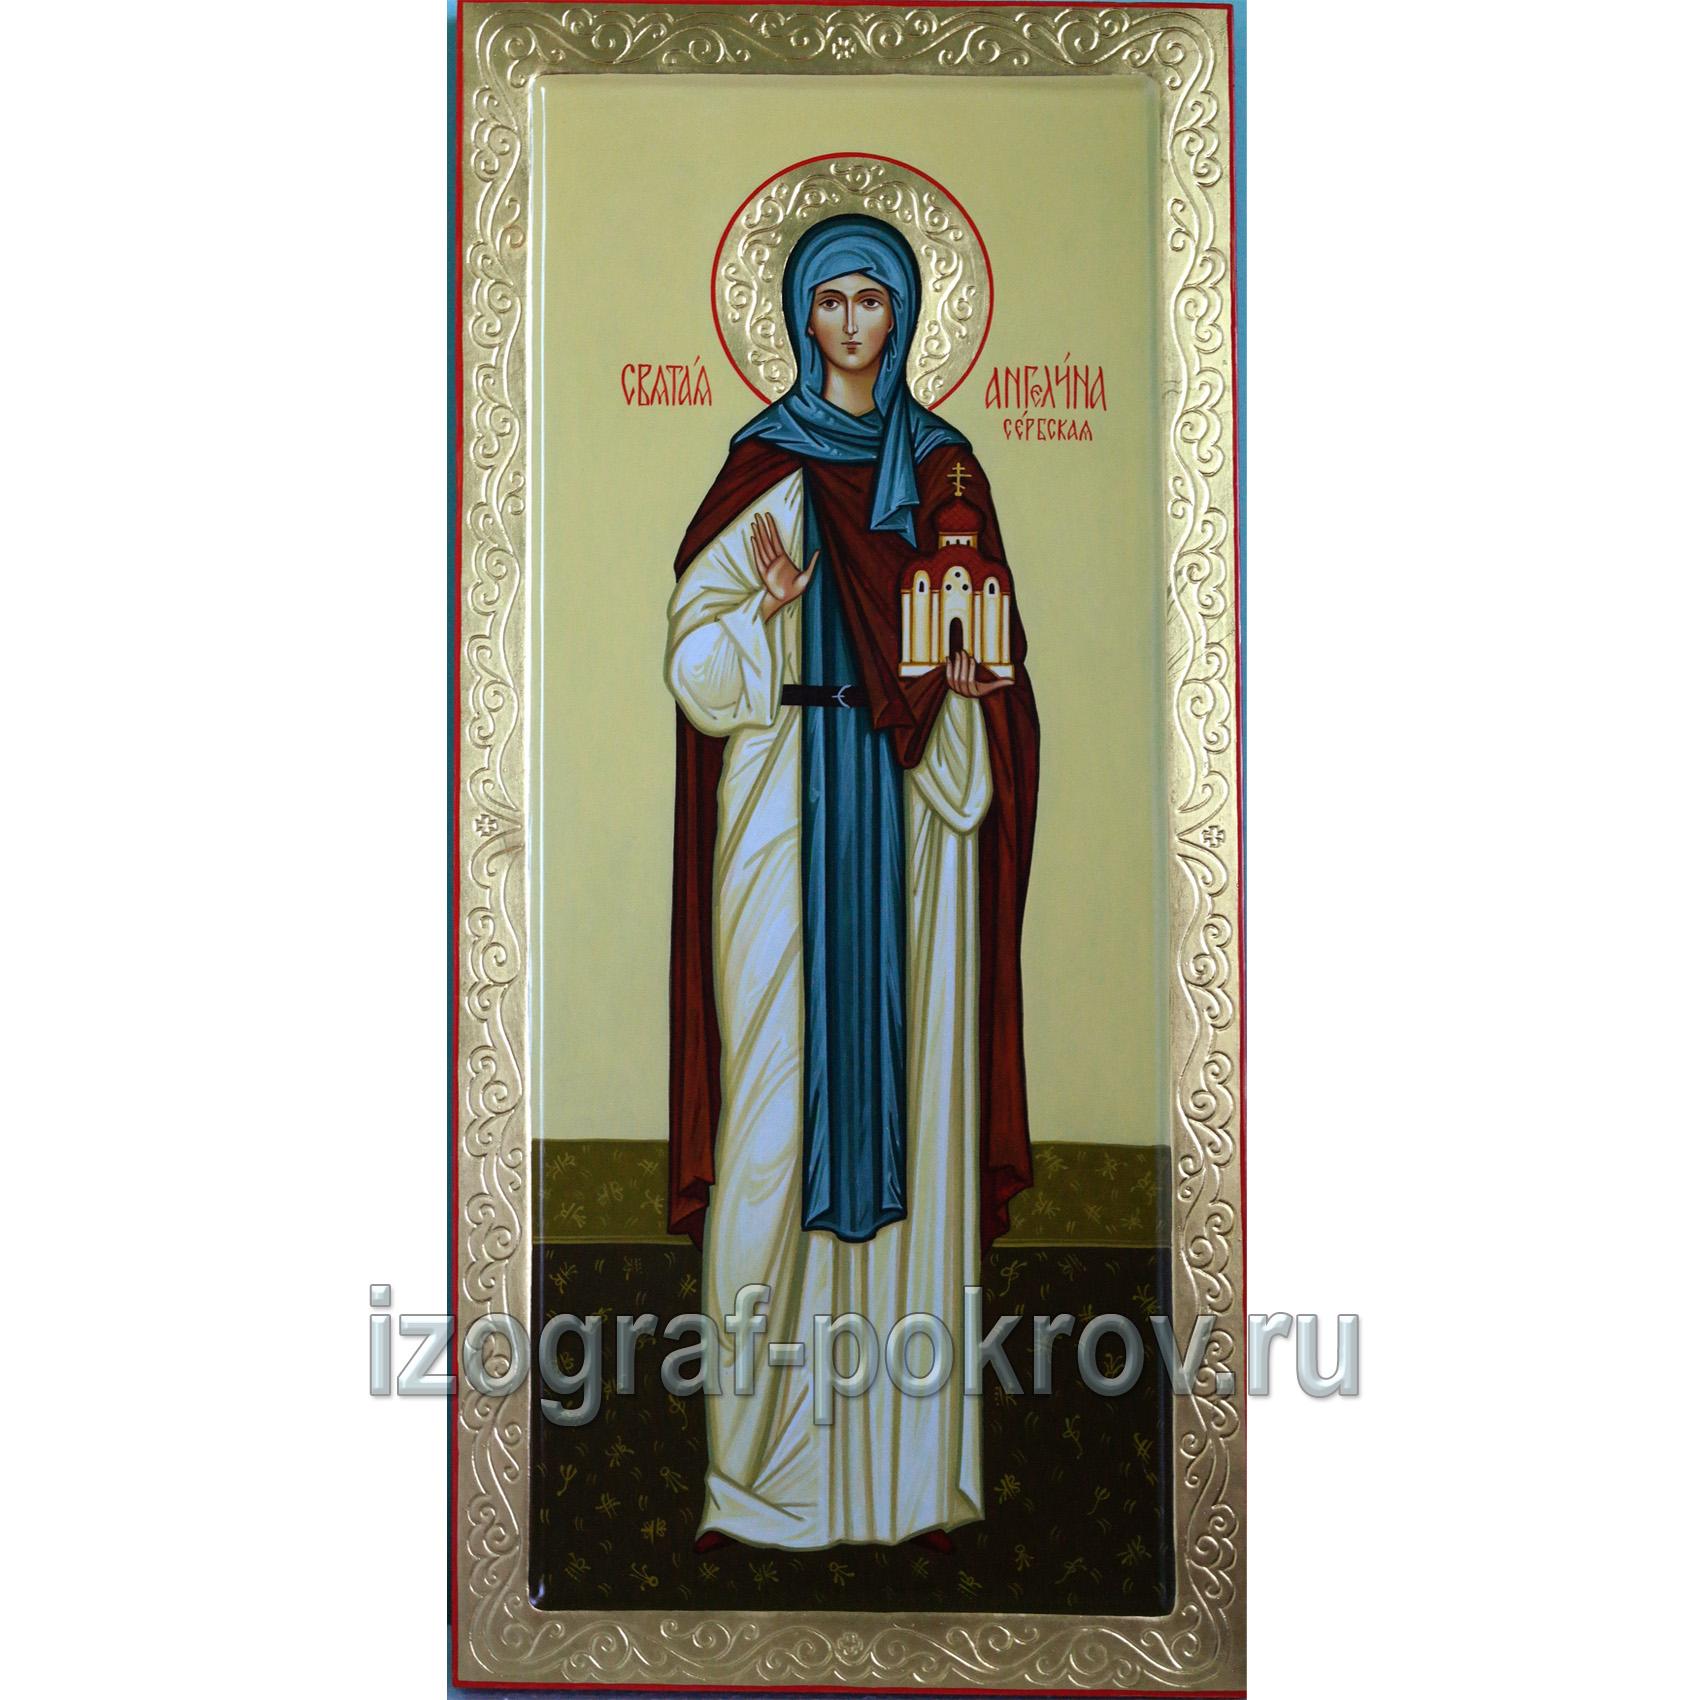 Мерная икона для младенца Ангелина Сербская